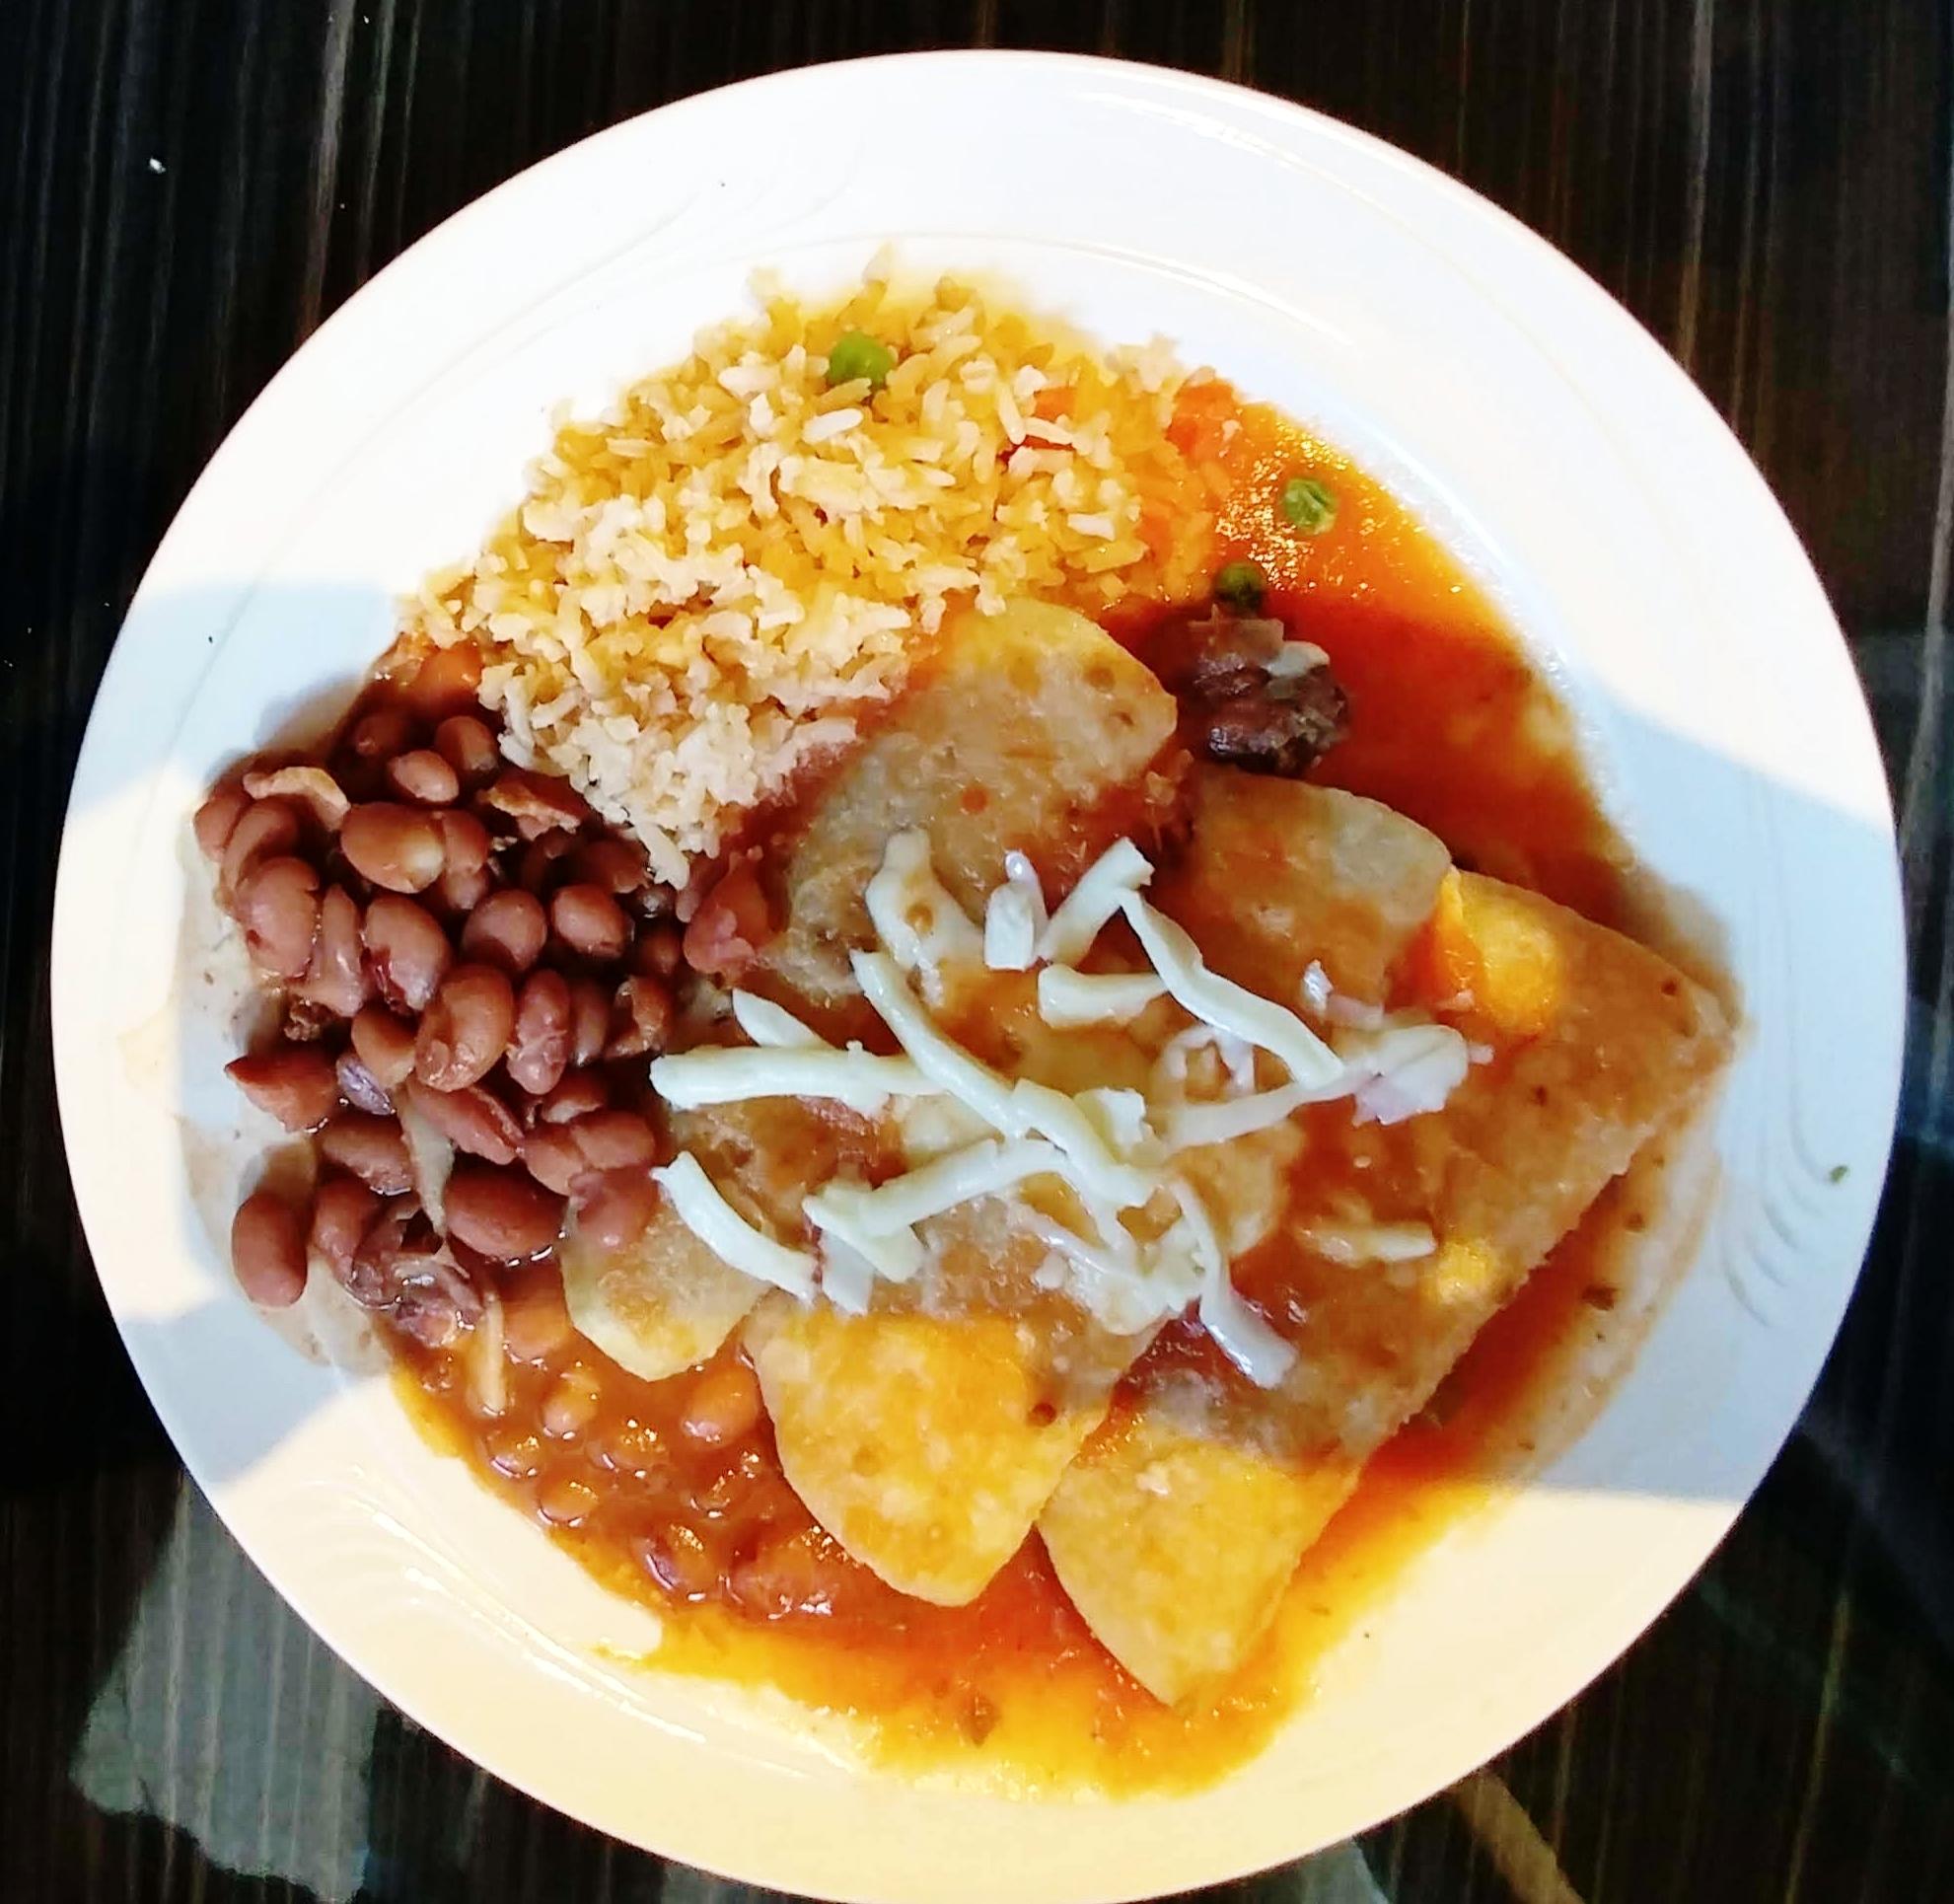 Beef Enchiladas - with salsa ranchera